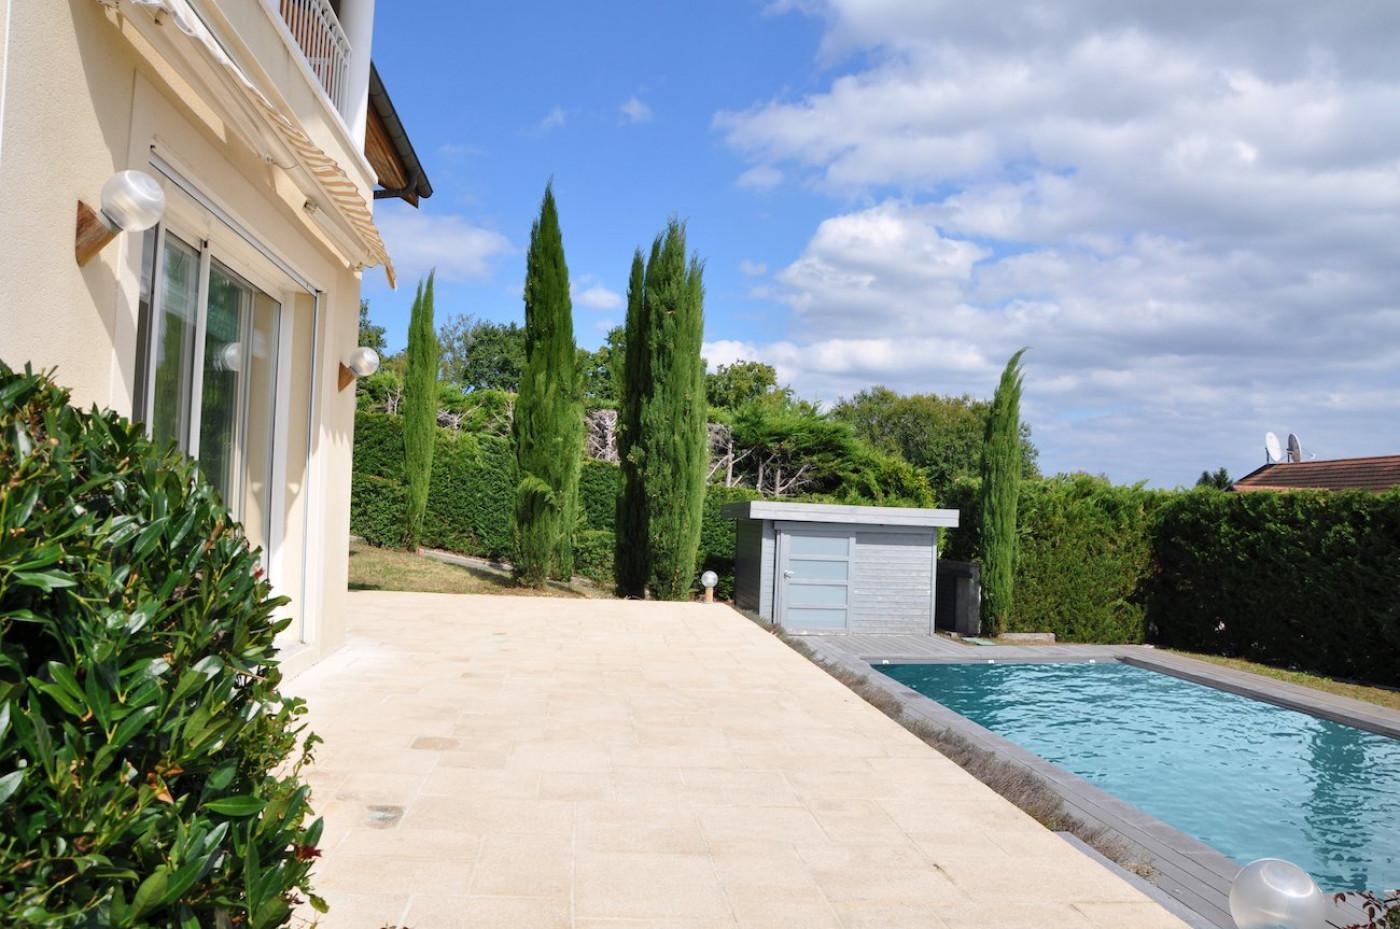 A vendre Divonne Les Bains 75011105238 Sextant france